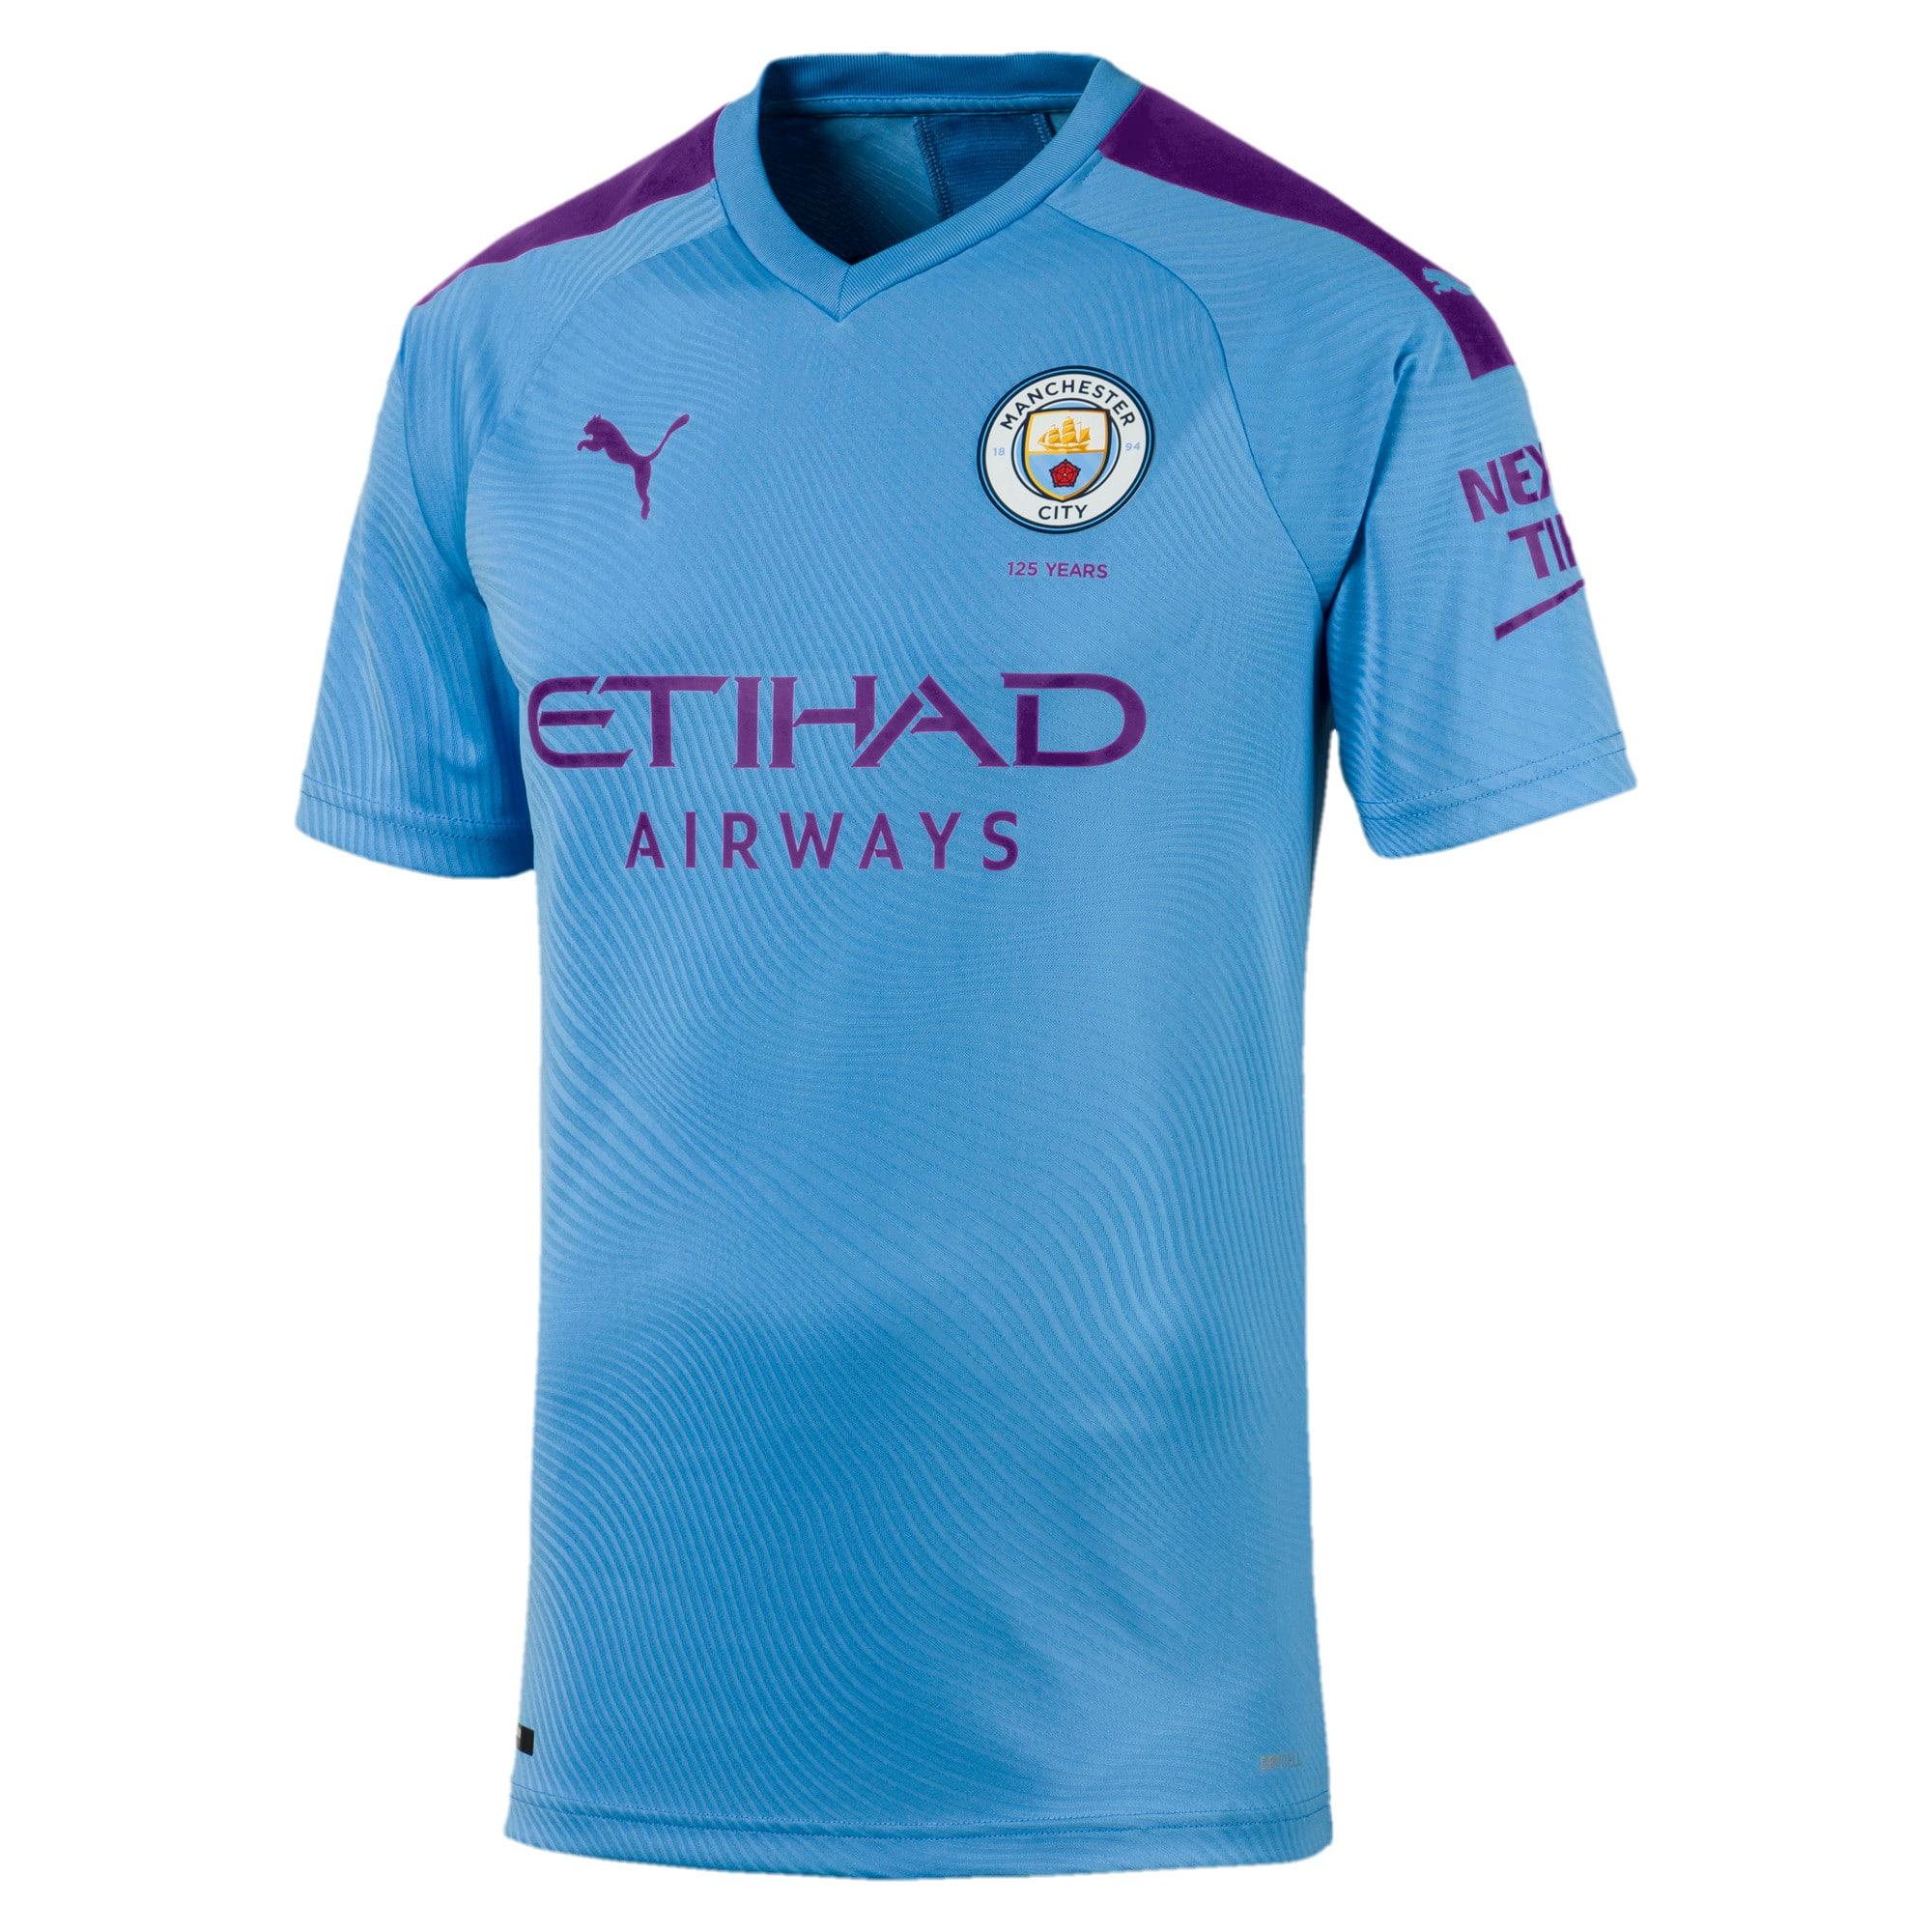 Thumbnail 1 of Manchester City Herren Authentic Heimtrikot, TeamLightBlue-TillandsiaPurp, medium